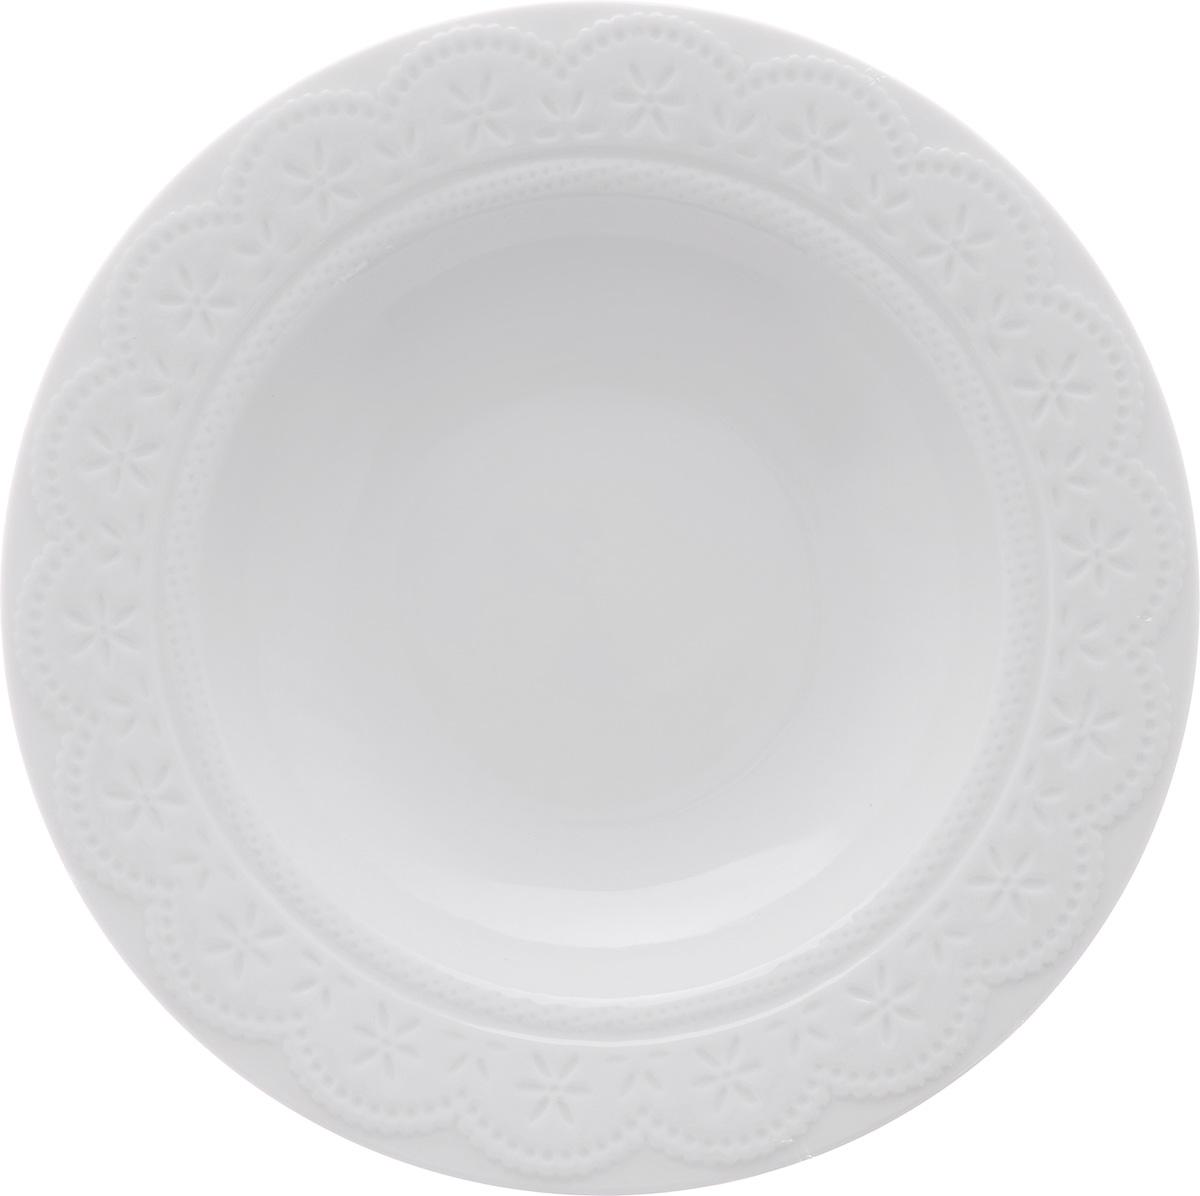 Тарелка суповая Walmer Charlotte, цвет: белый, диаметр 22 смW07330022Суповая тарелка Walmer Charlotte, выполненная из высококачественного фарфора, декорирована рельефным орнаментом. Изящный дизайн придется по вкусу и ценителям классики, и тем, кто предпочитает утонченность. Суповая тарелка Walmer Charlotte, идеально подойдет для сервировки стола и станет отличным подарком к любому празднику. Можно использовать в микроволновой печи и мыть в посудомоечных машинах.